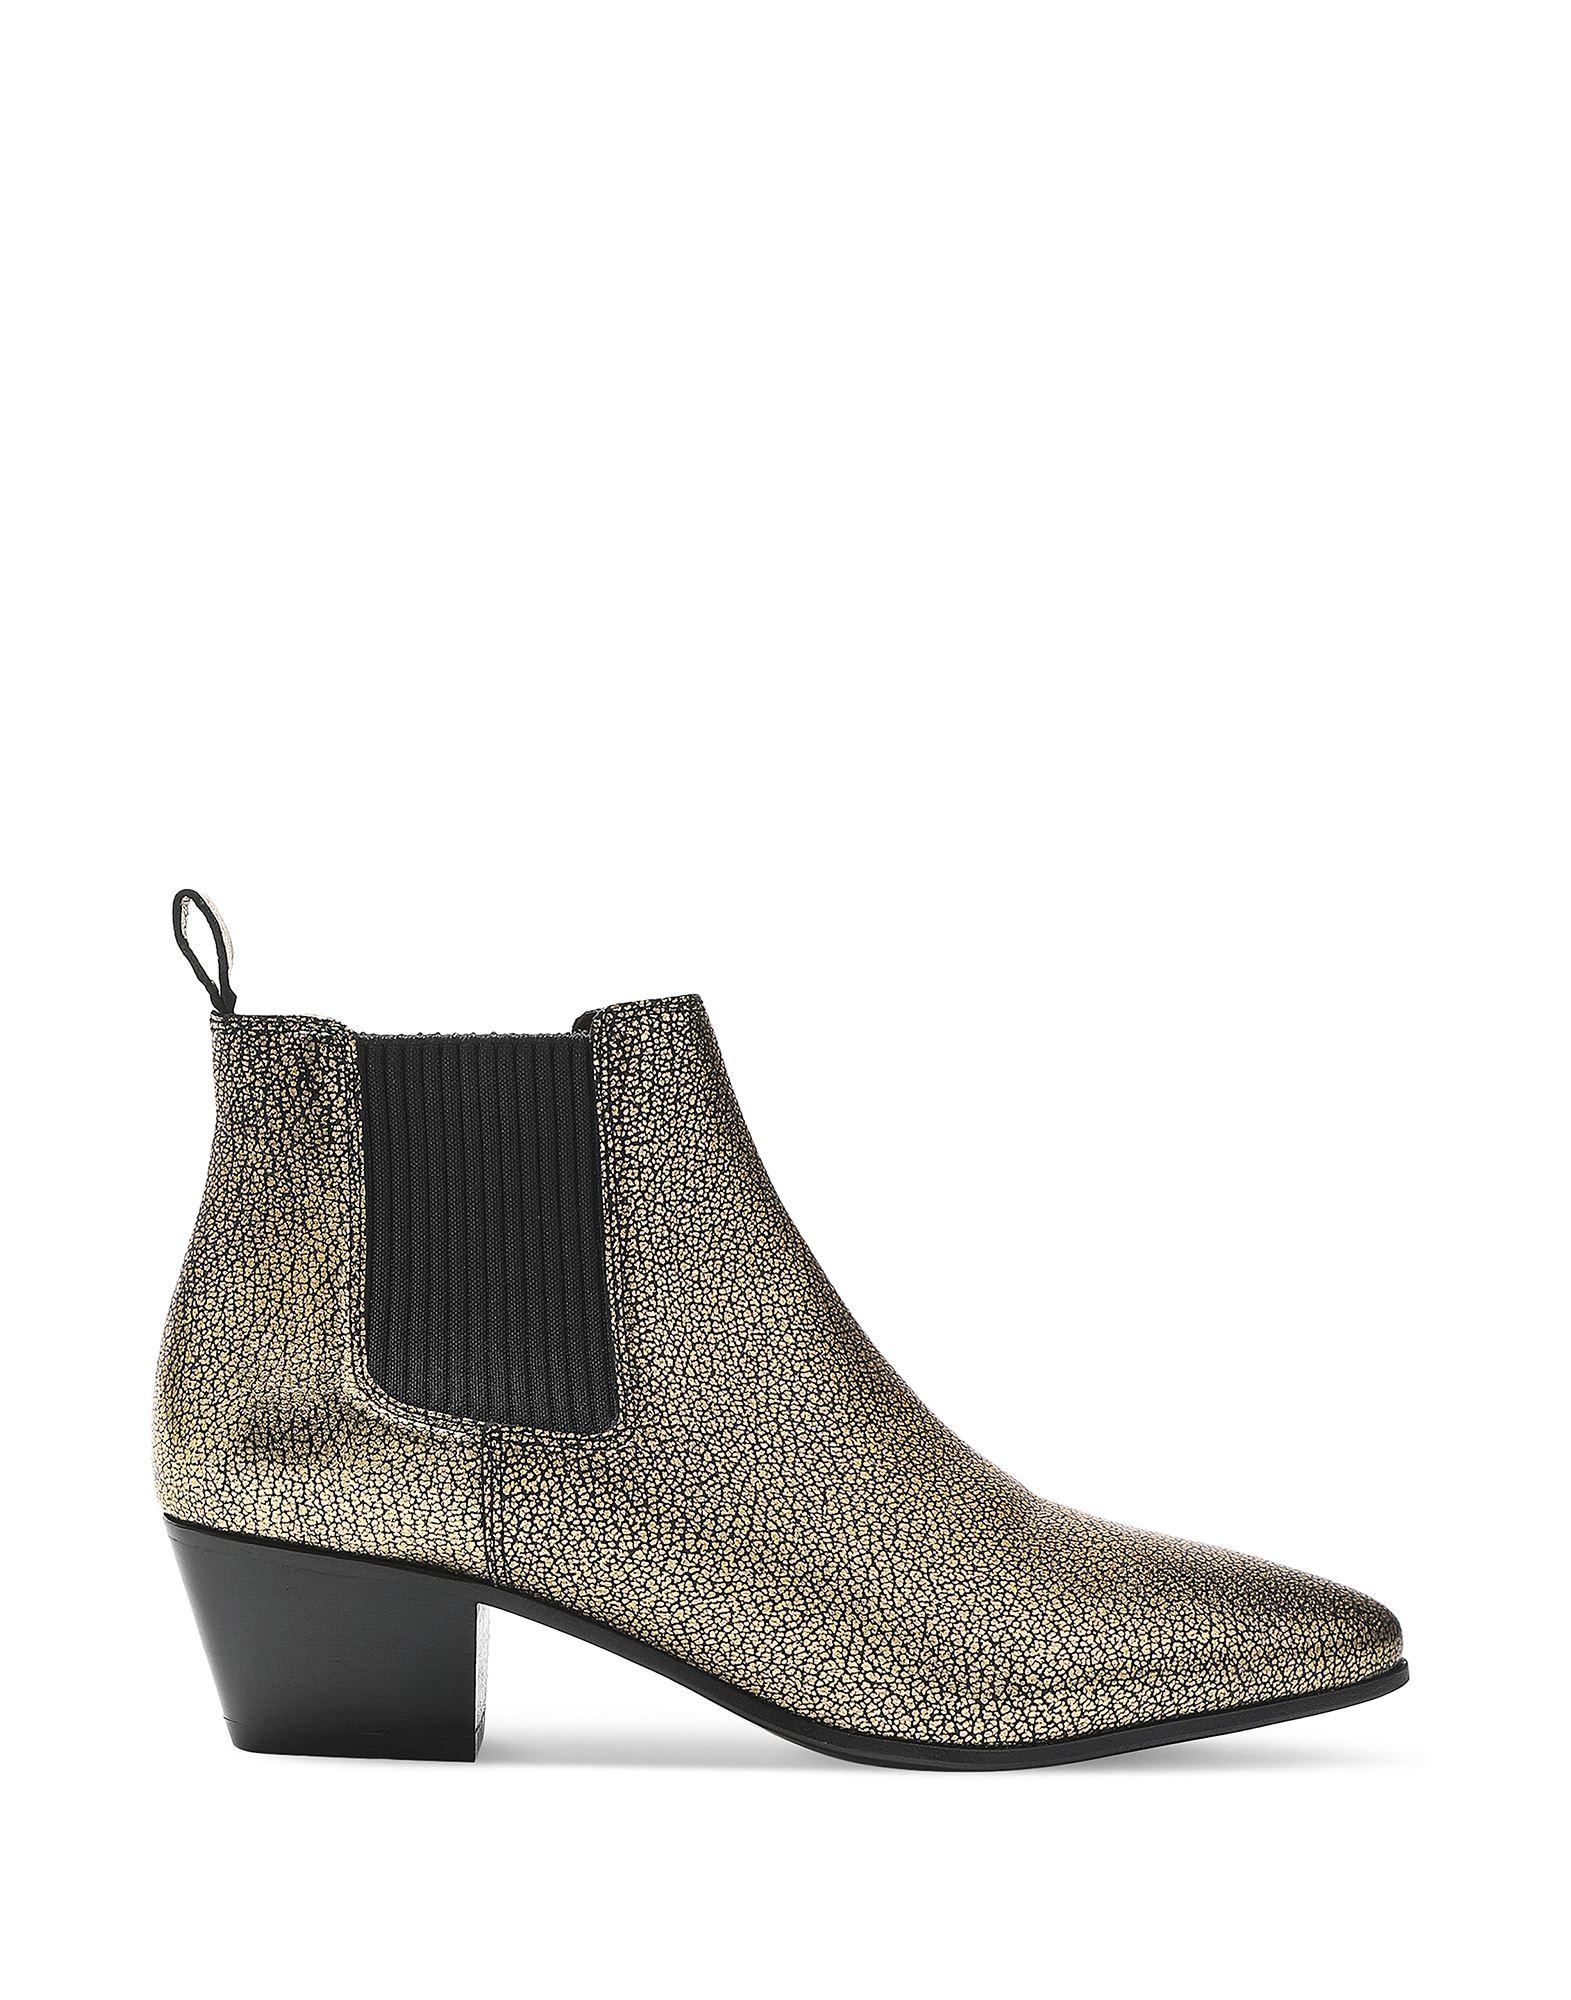 Stilvolle billige Schuhe Maje Stiefelette Damen  11439821JN